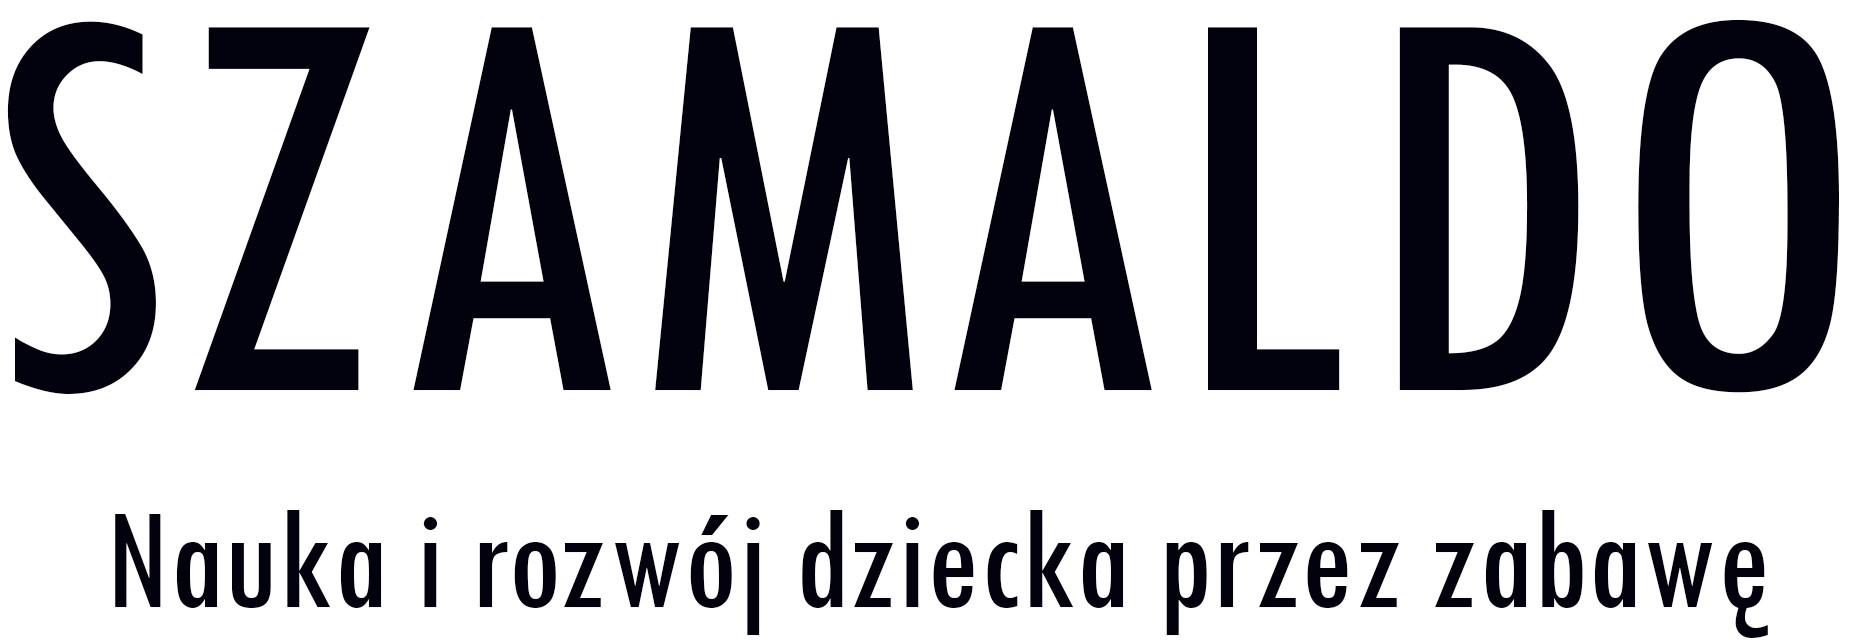 Szamaldo